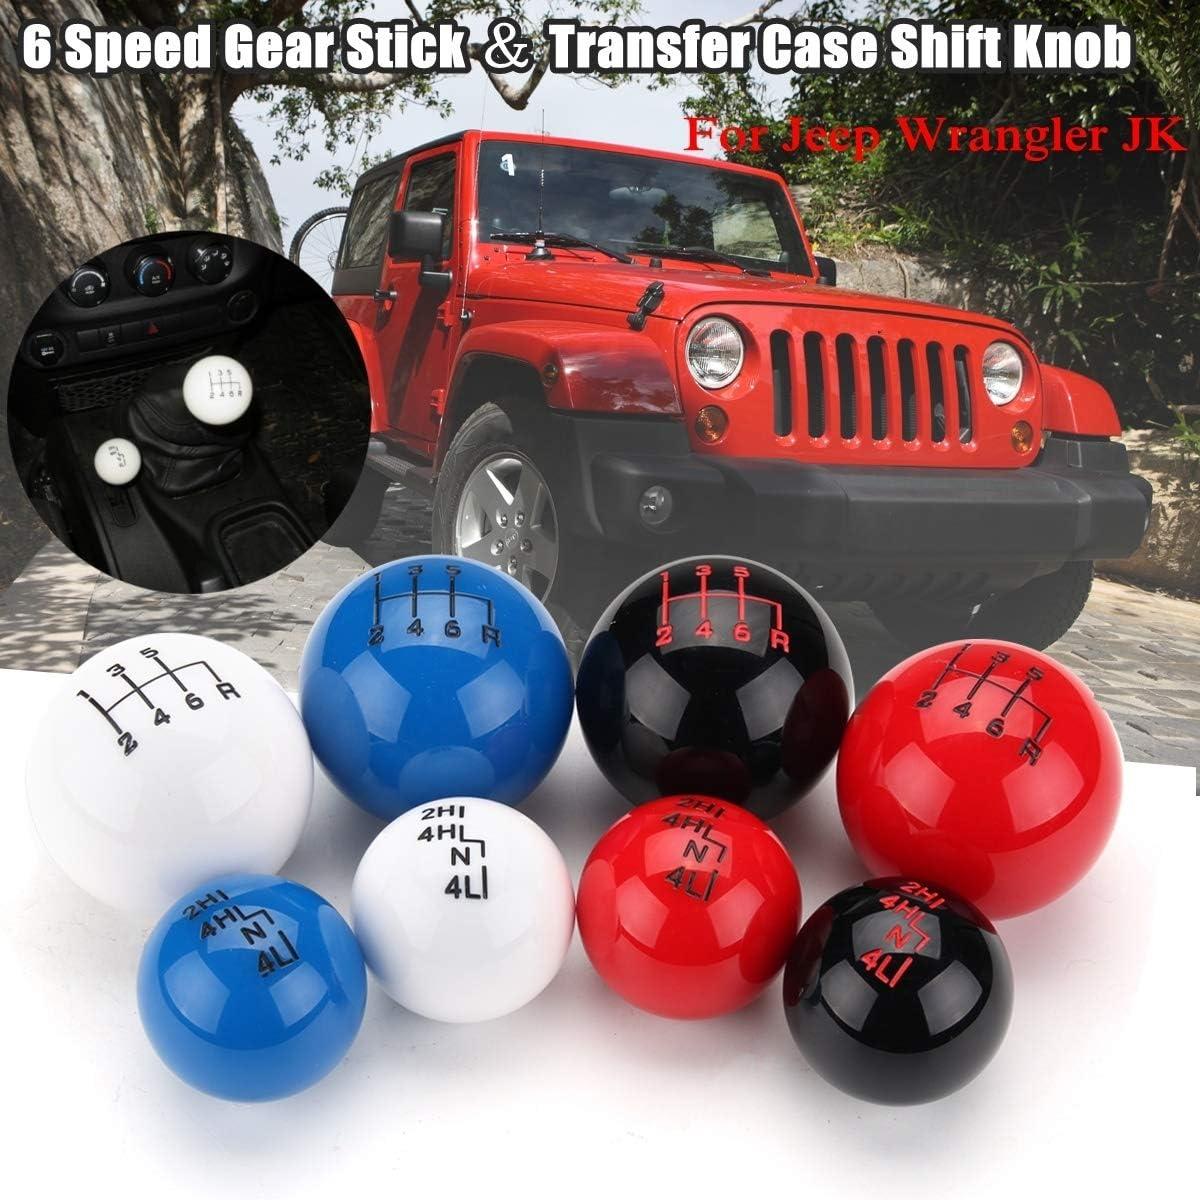 1pc Bola Coche Estilo 6 Speed Transfer Case Cambio de Engranaje de la Perilla Principal for Jeep//Wrangler YJ de TJ y JK Color : Negro